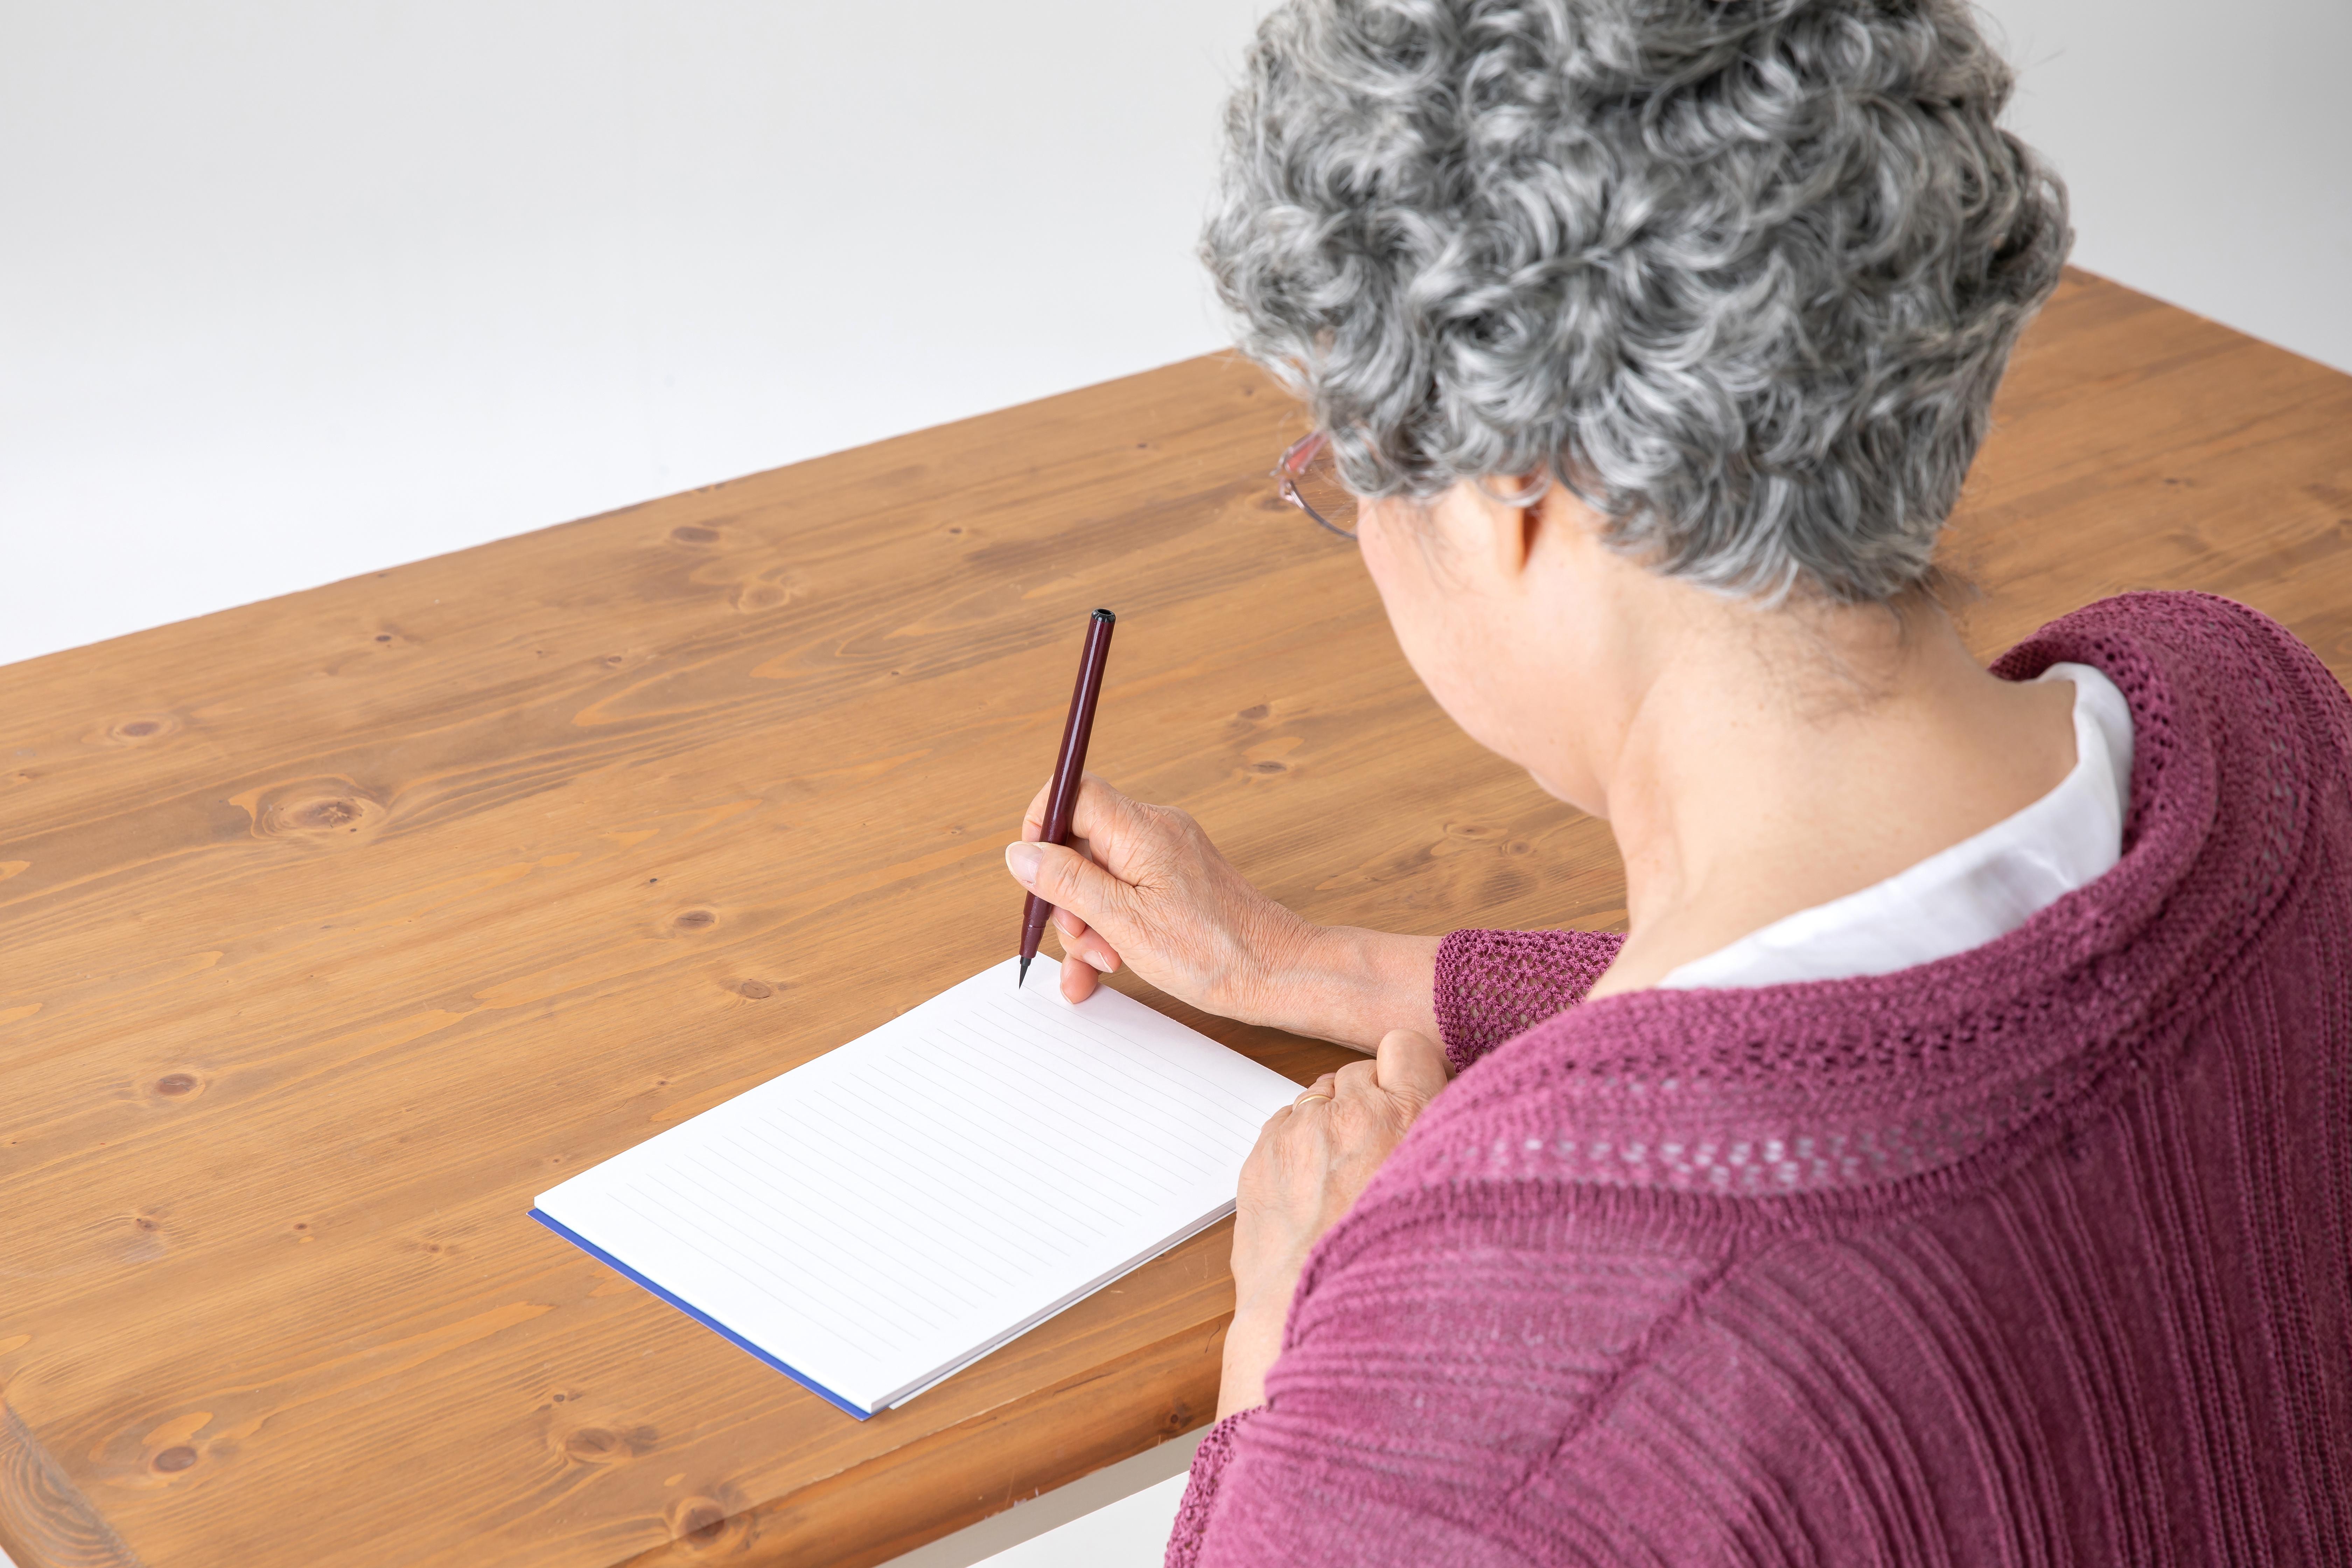 【正しい知識を身につけて】忌明けの挨拶状の書き方や文例を紹介のサムネイル画像